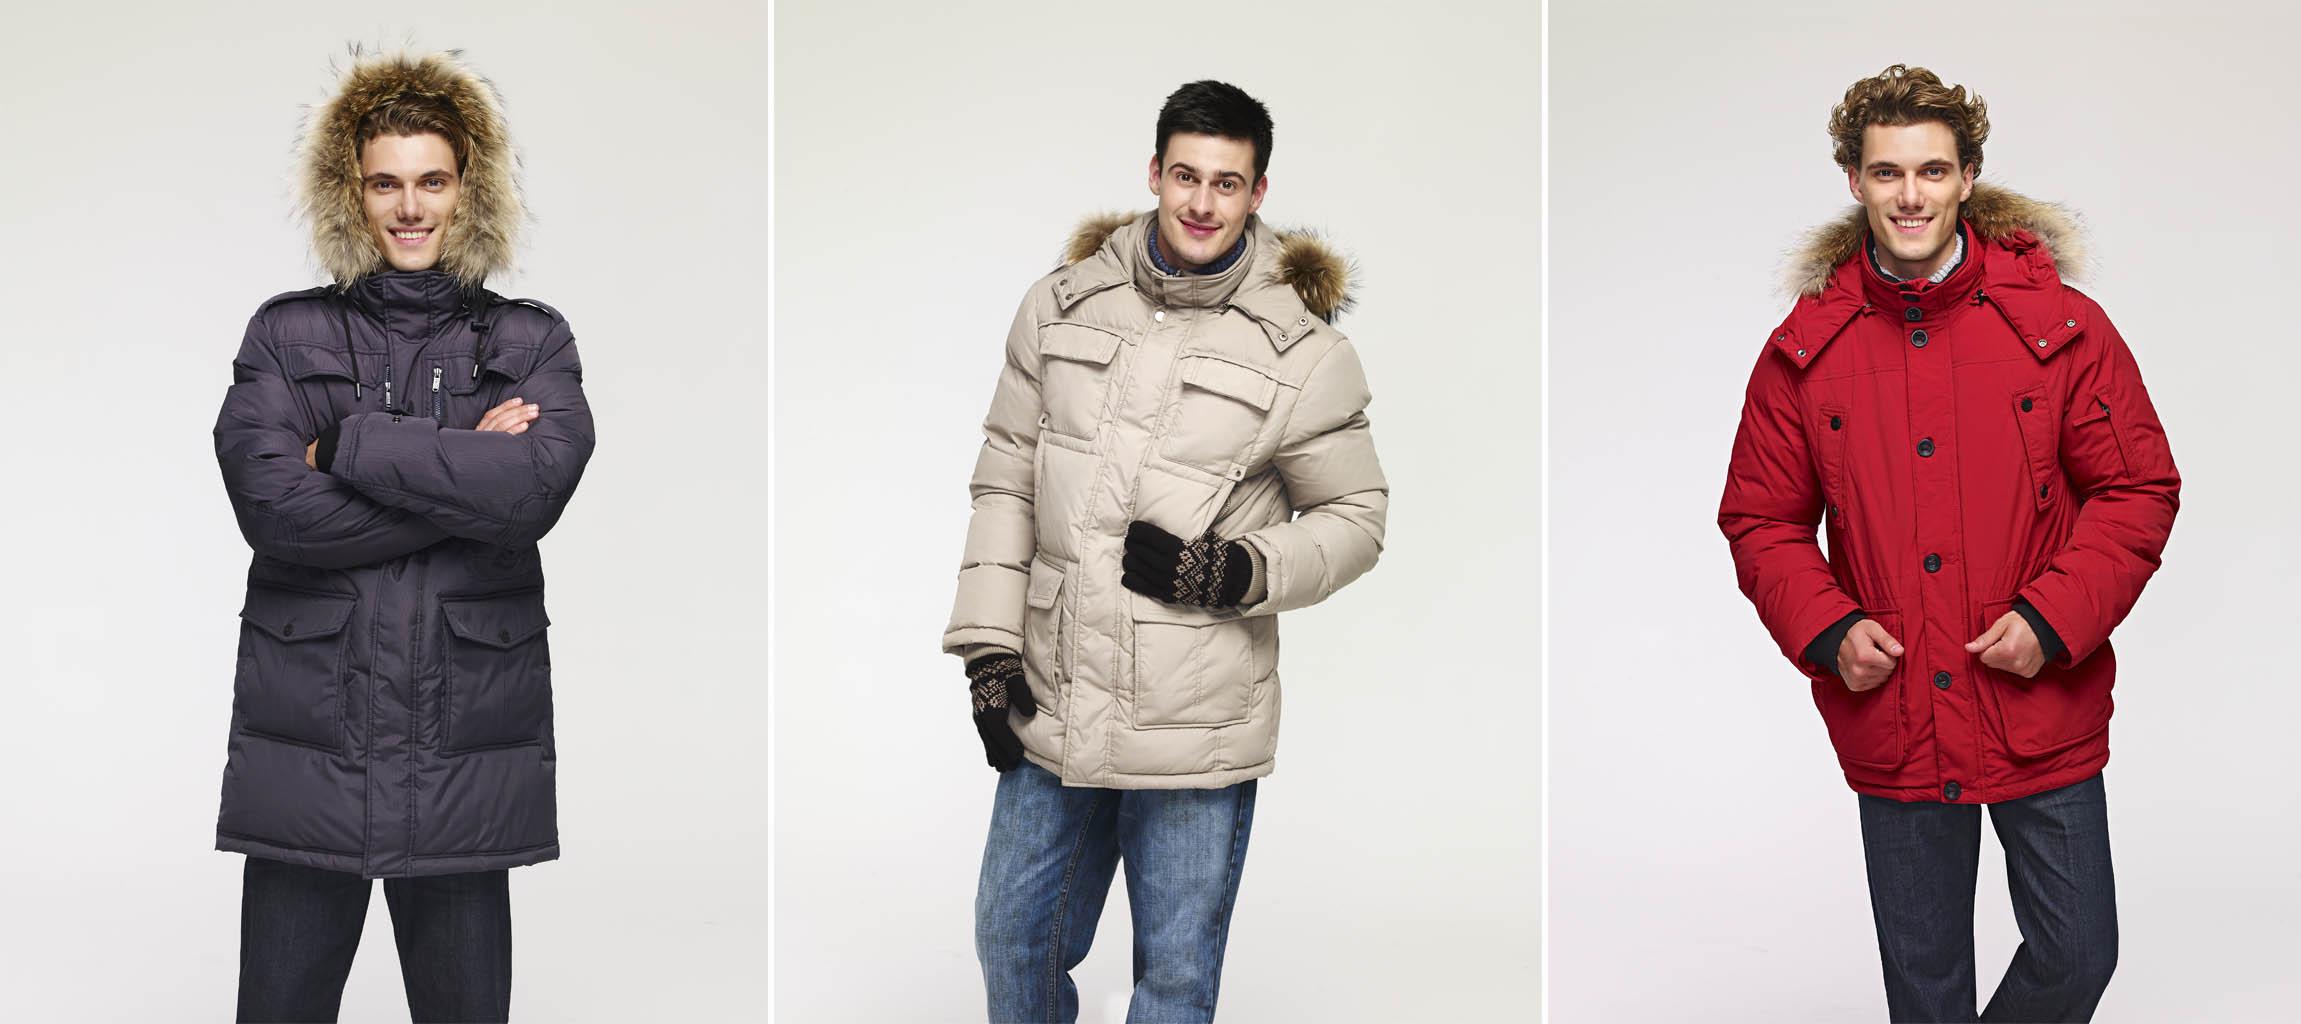 Парка - самая удобная, теплая верхняя одежда на зиму, защищающая своего обладателя от холодного ветр